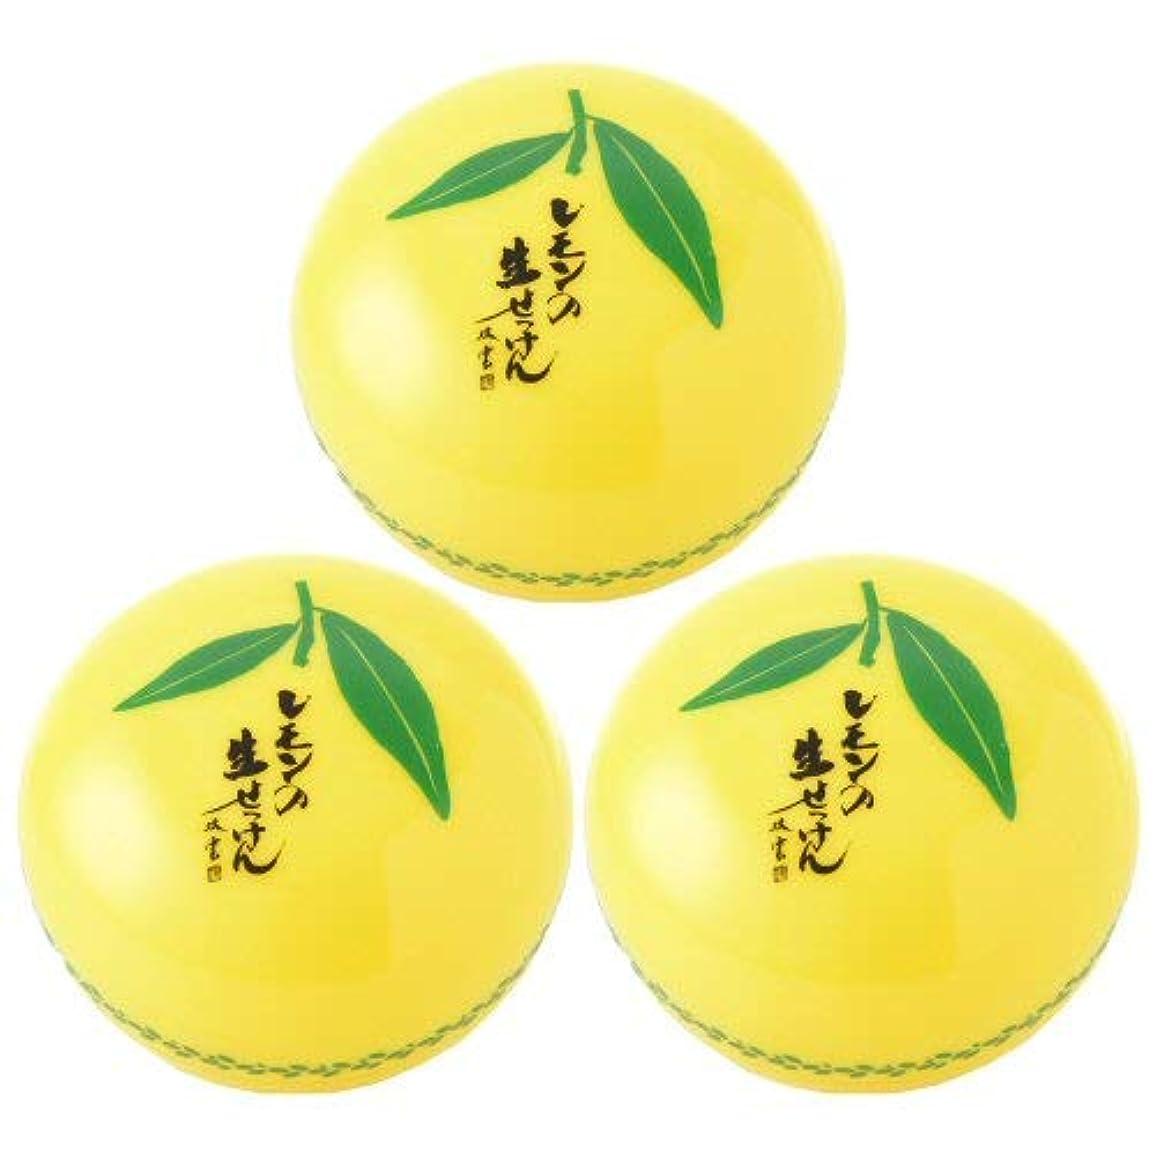 UYEKI美香柑レモンの生せっけん120g×3個セット